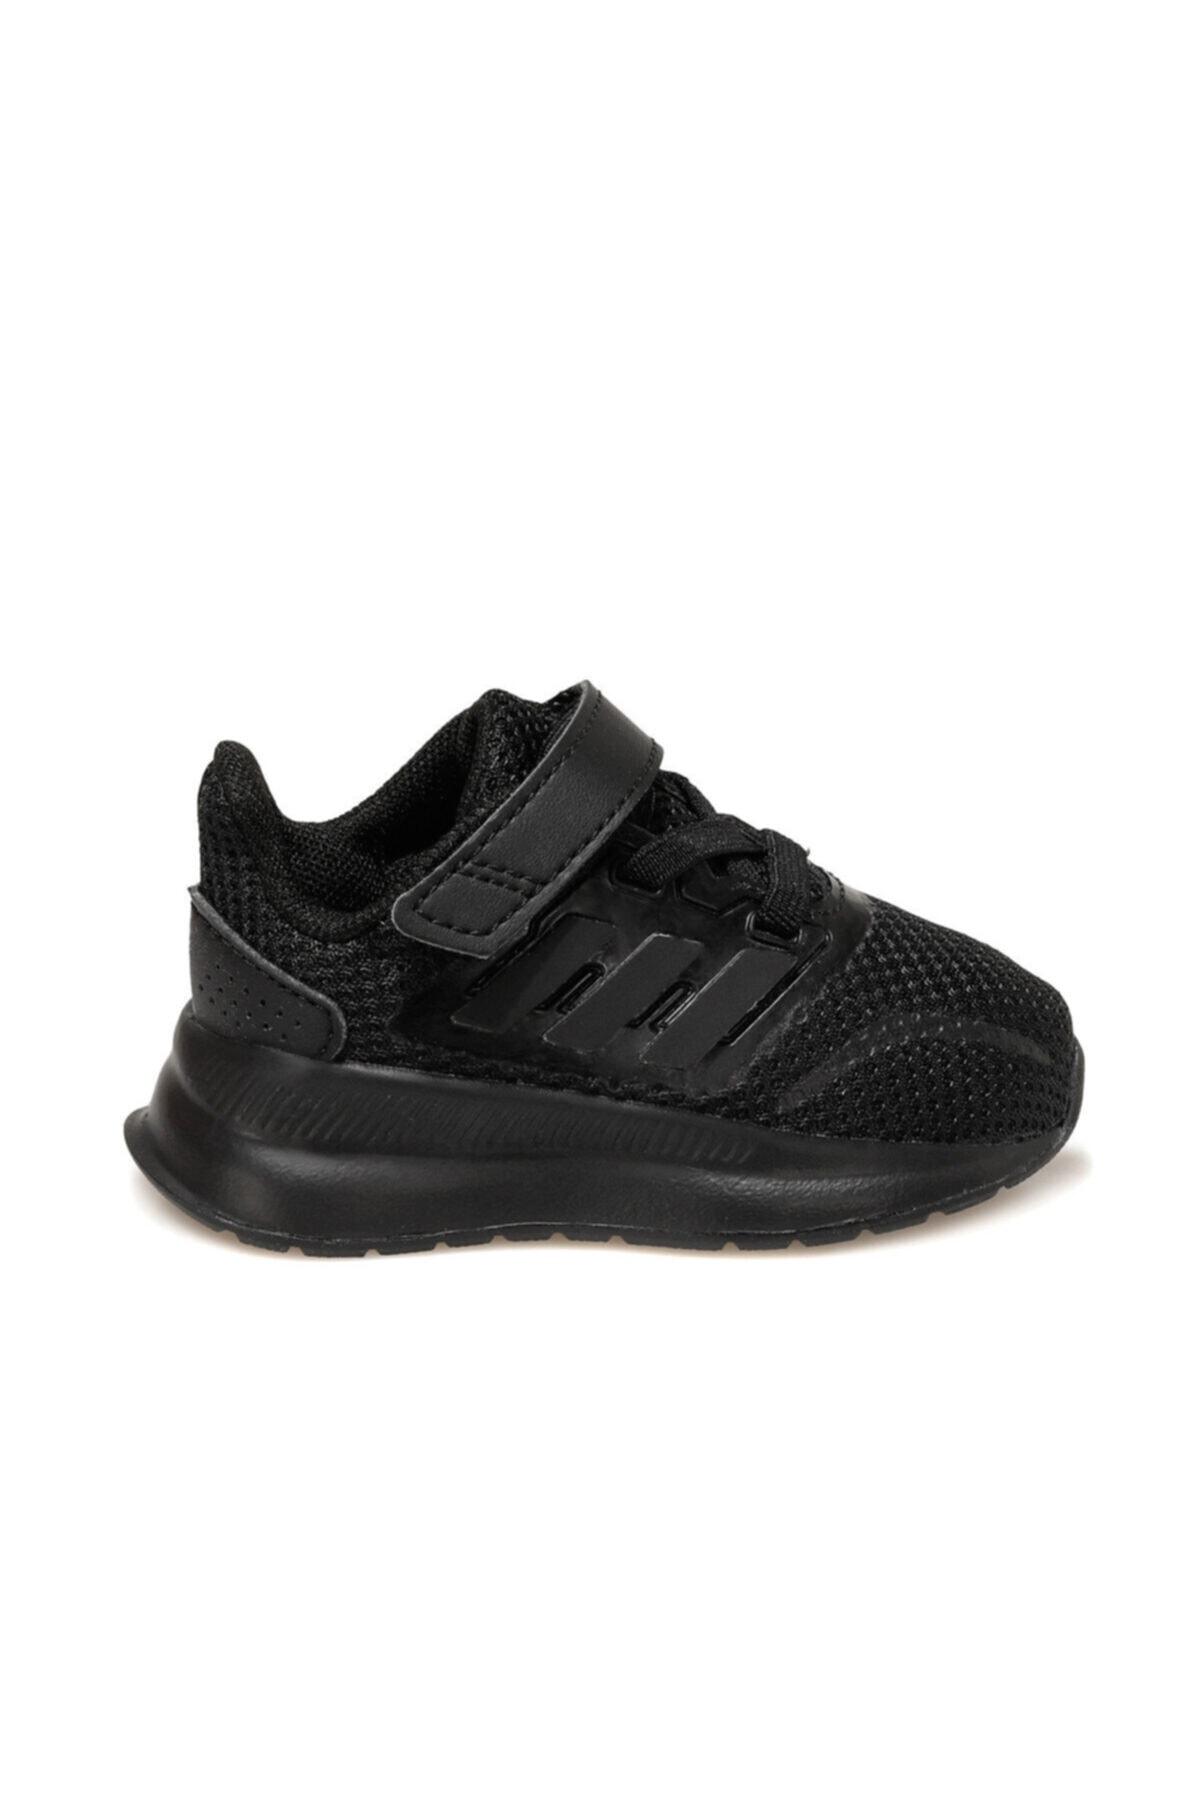 adidas RUNFALCON I Siyah Erkek Çocuk Koşu Ayakkabısı 101069189 2